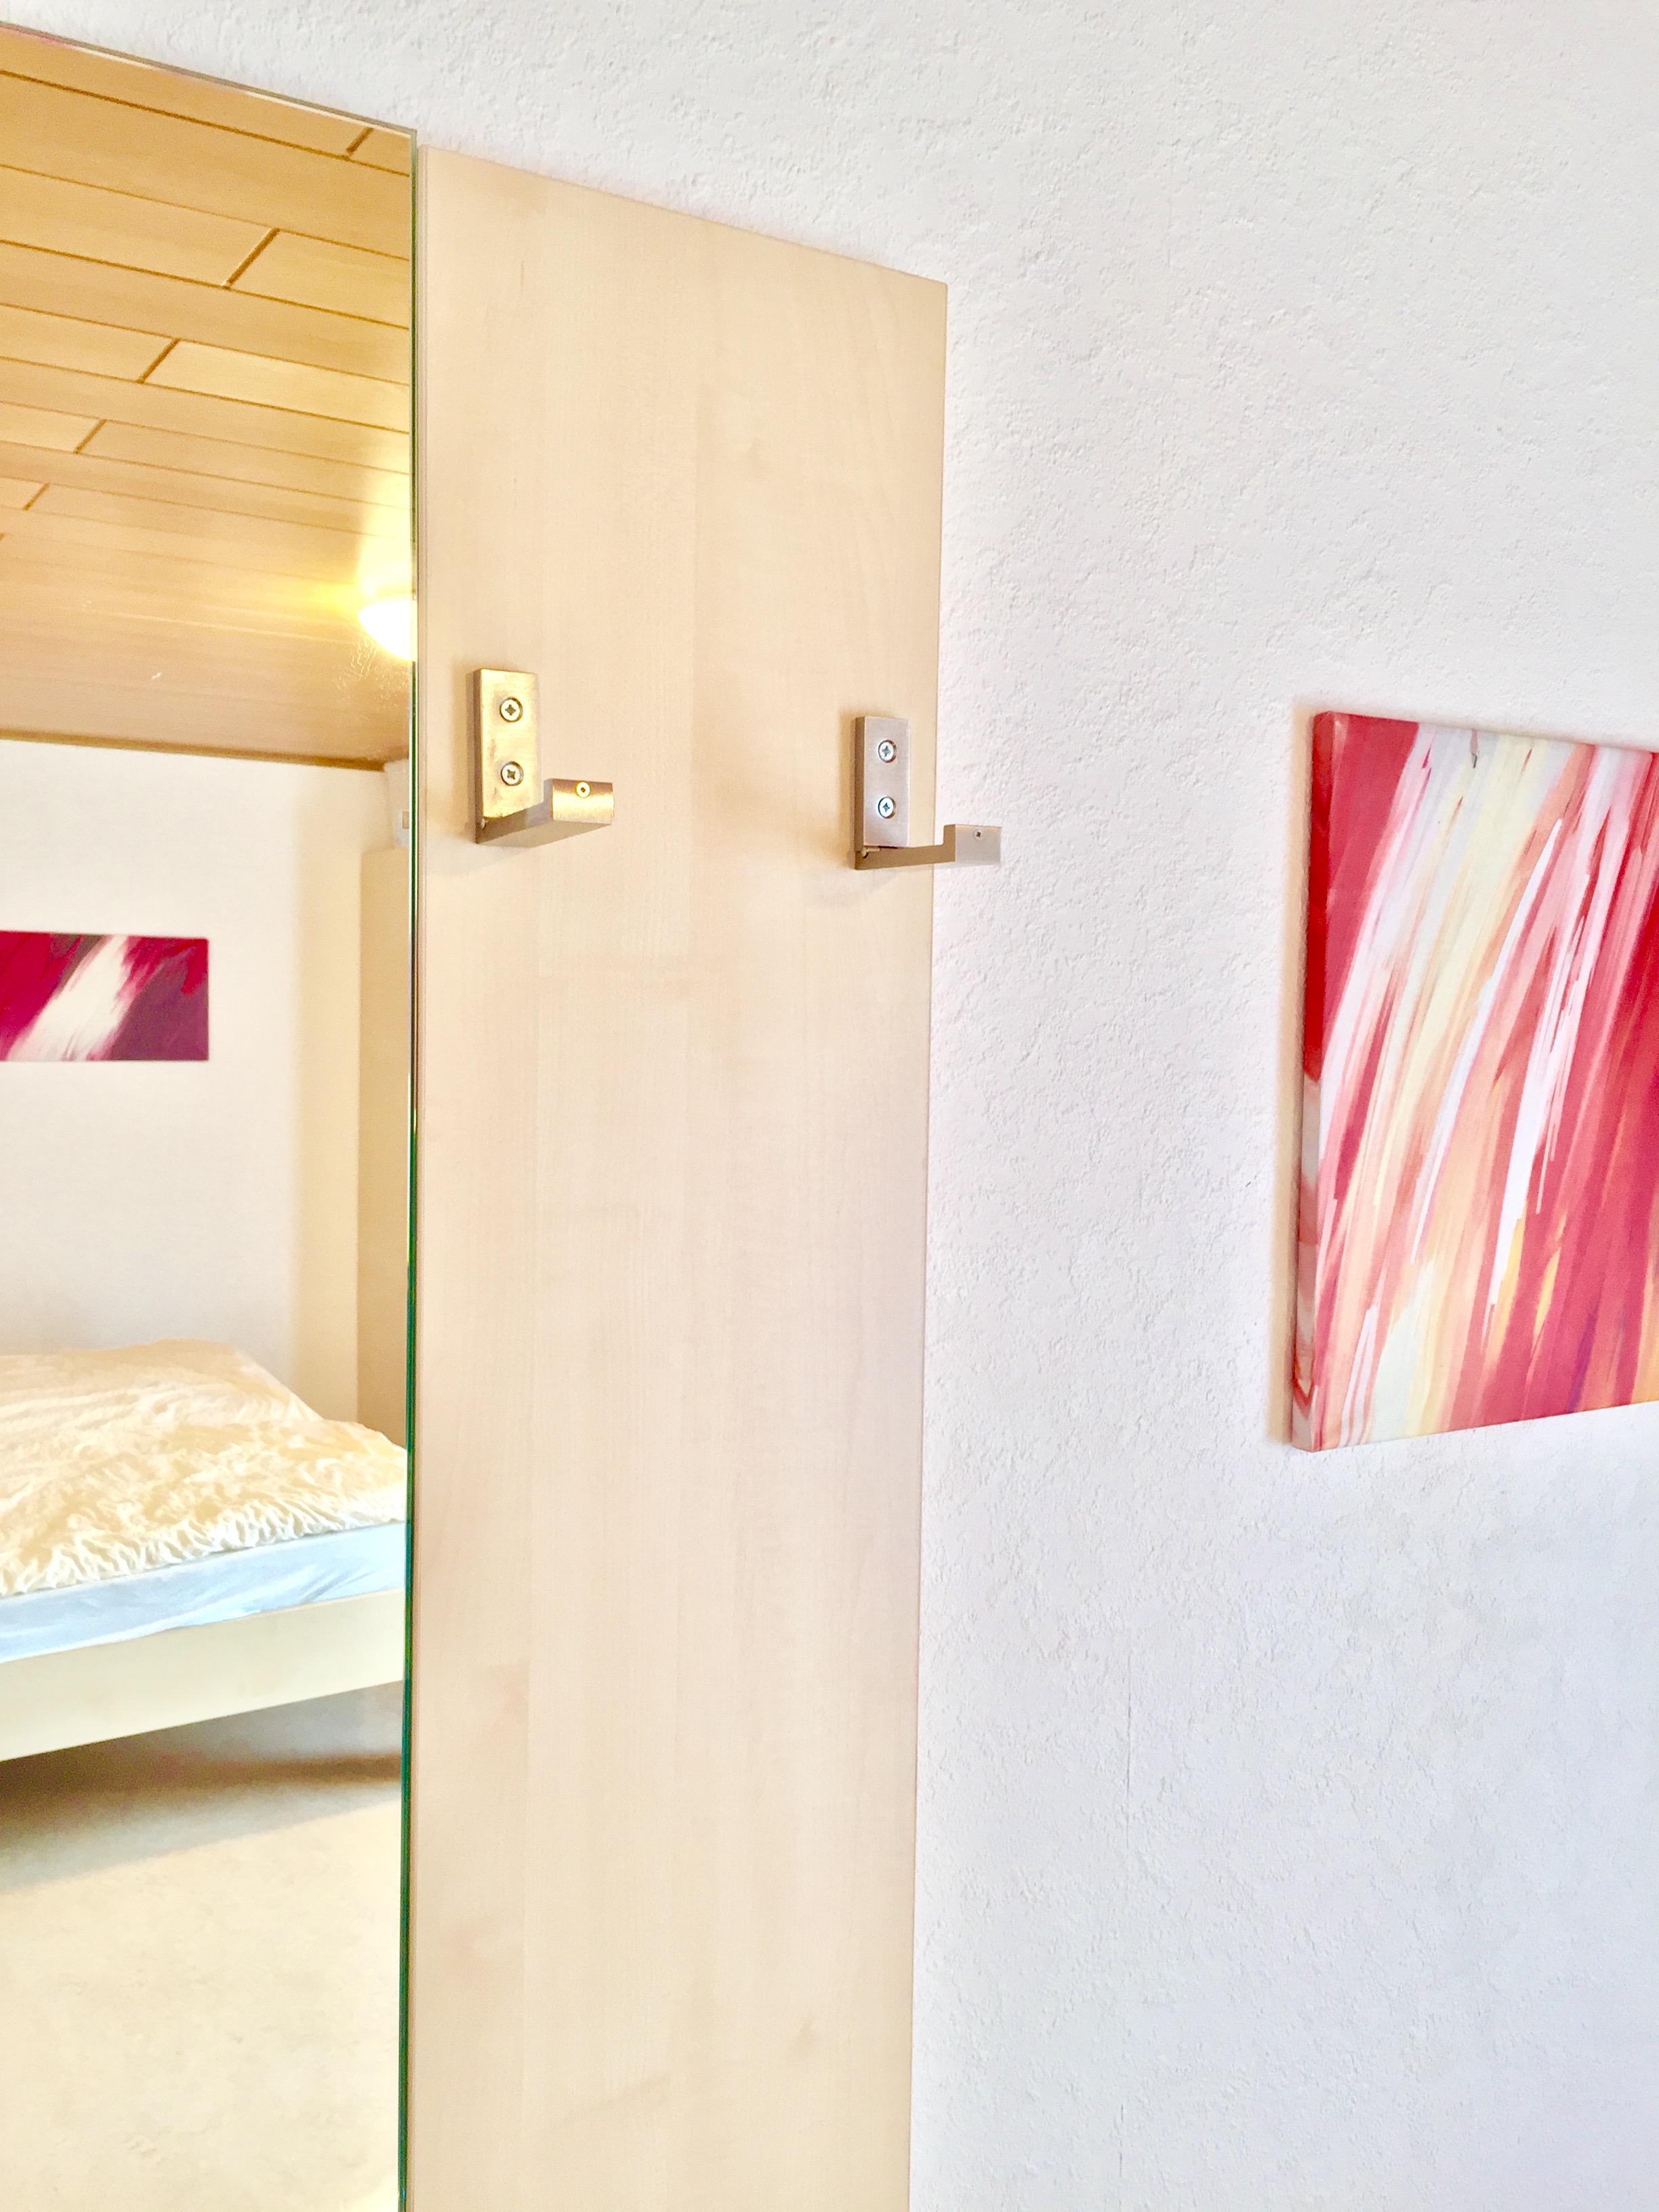 neue Garderobe - einklappbar, platzsparend und praktisch - Hotel Pension & Appartements Haus Stallmeister